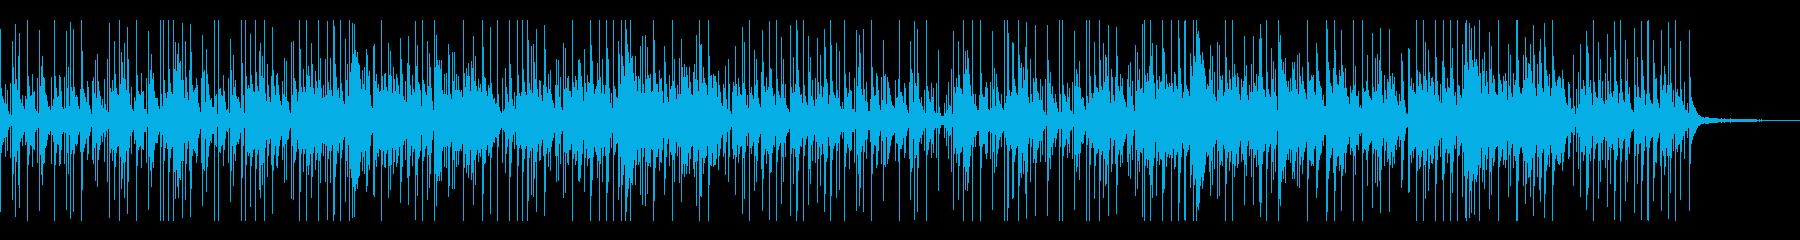 幻想的でゆったりとしたハンドパンソロの曲の再生済みの波形